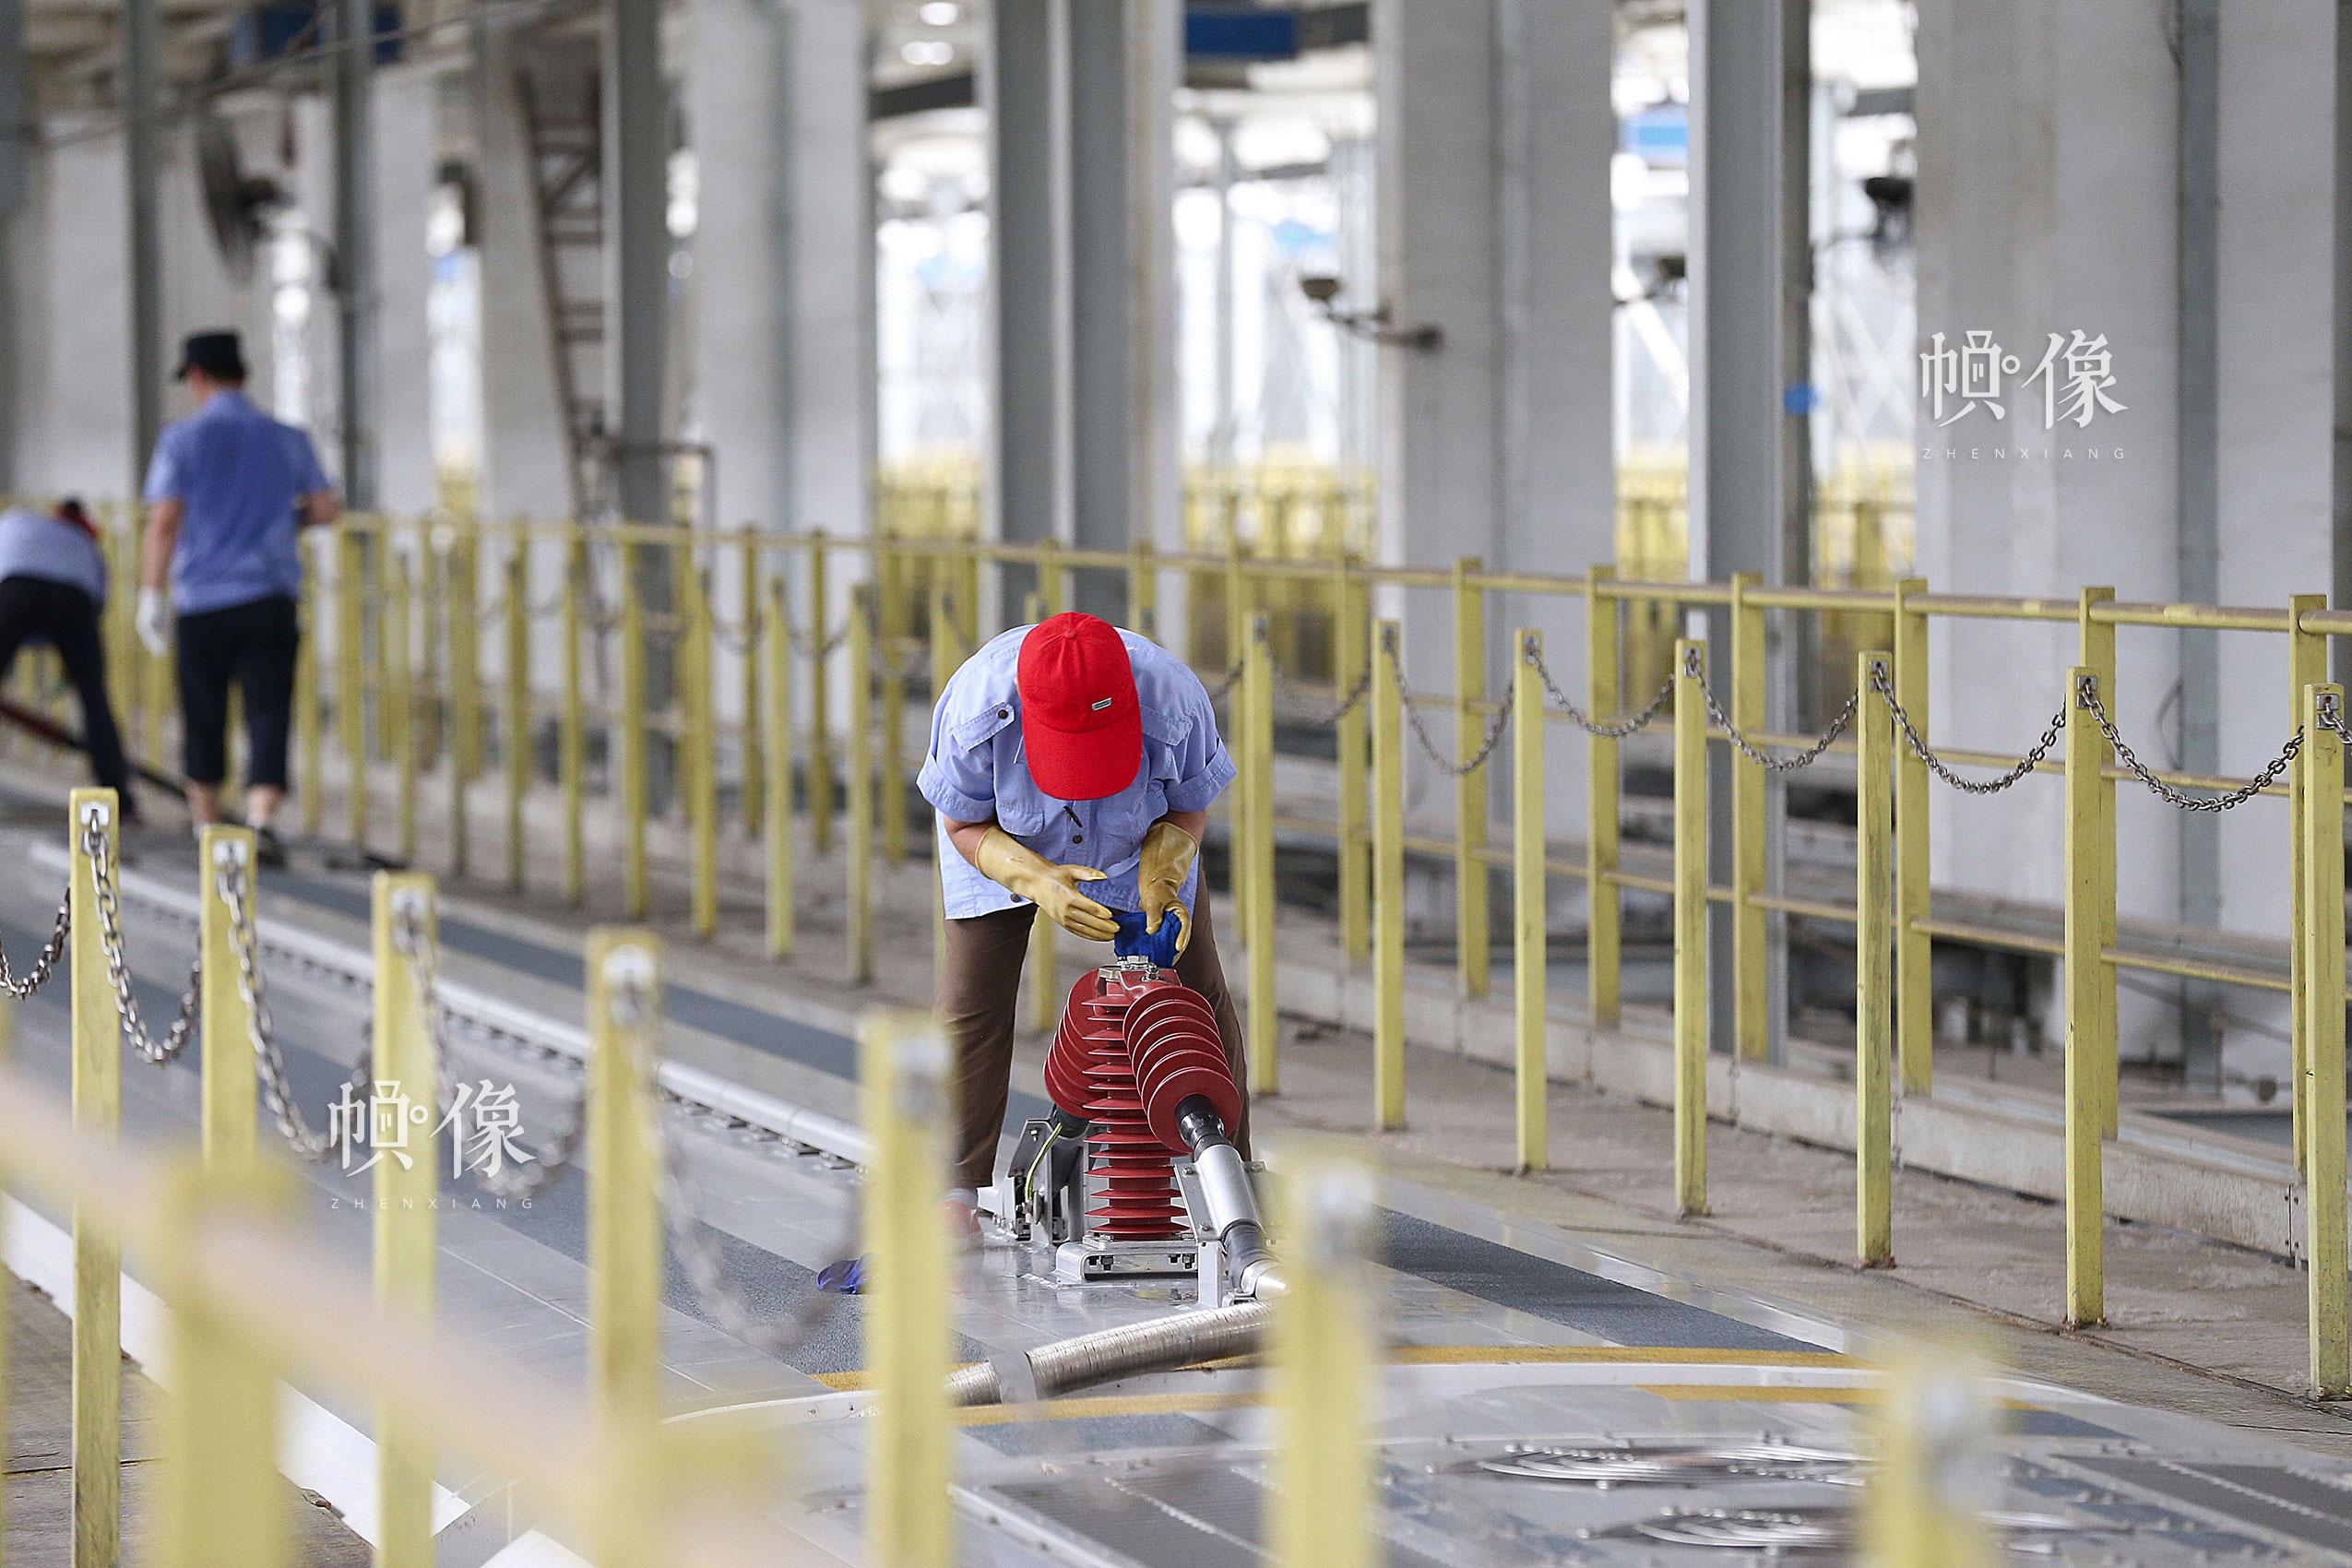 工作人员擦洗车顶电力设备。中国网记者 黄富友 摄